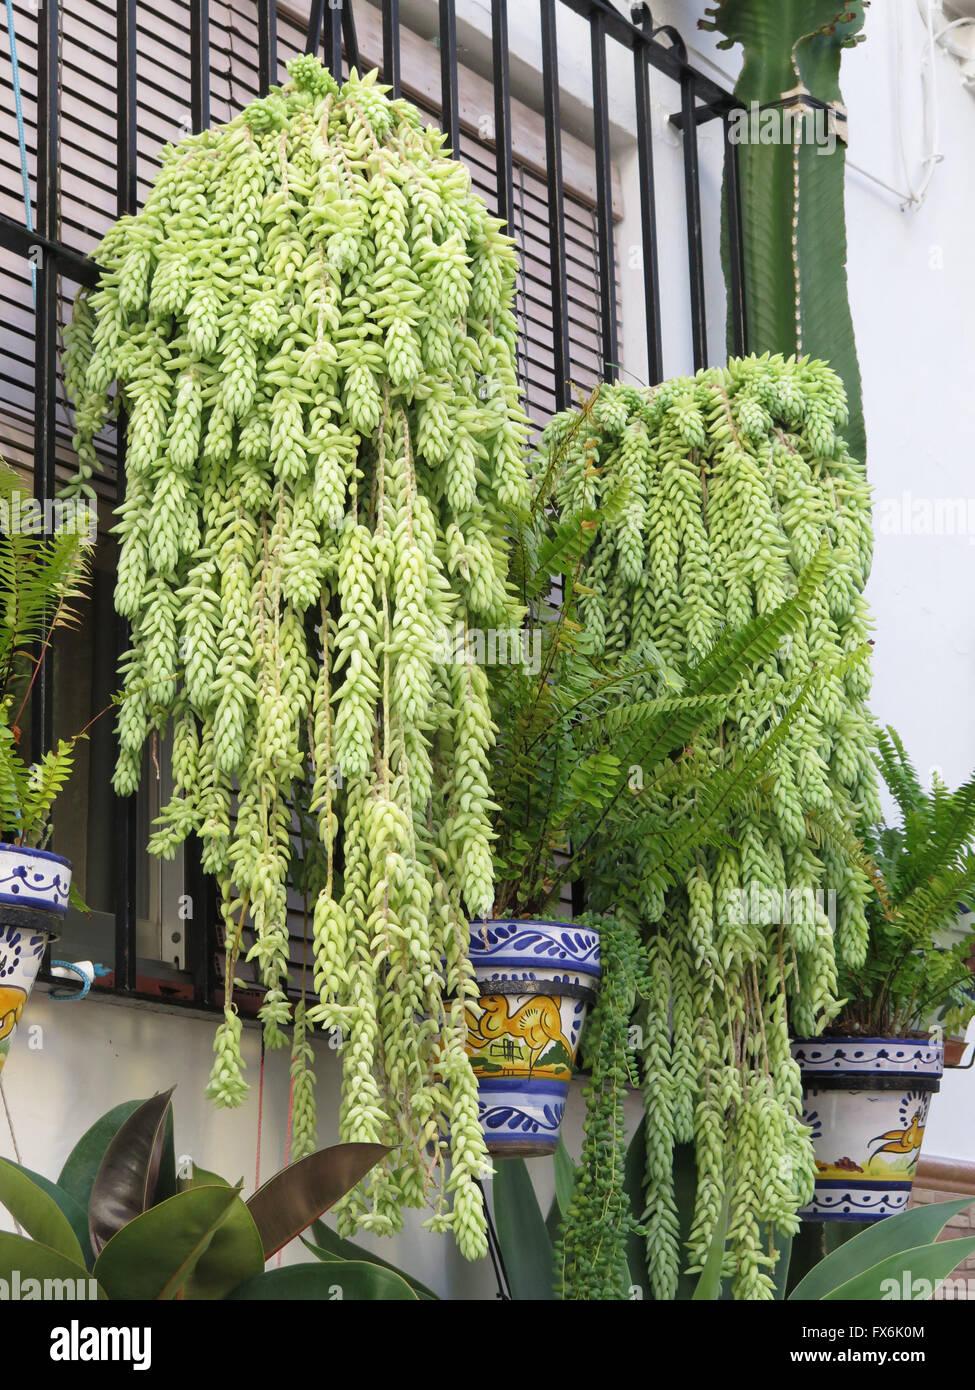 Hanging Indoor Plants In Corner Of Living Room